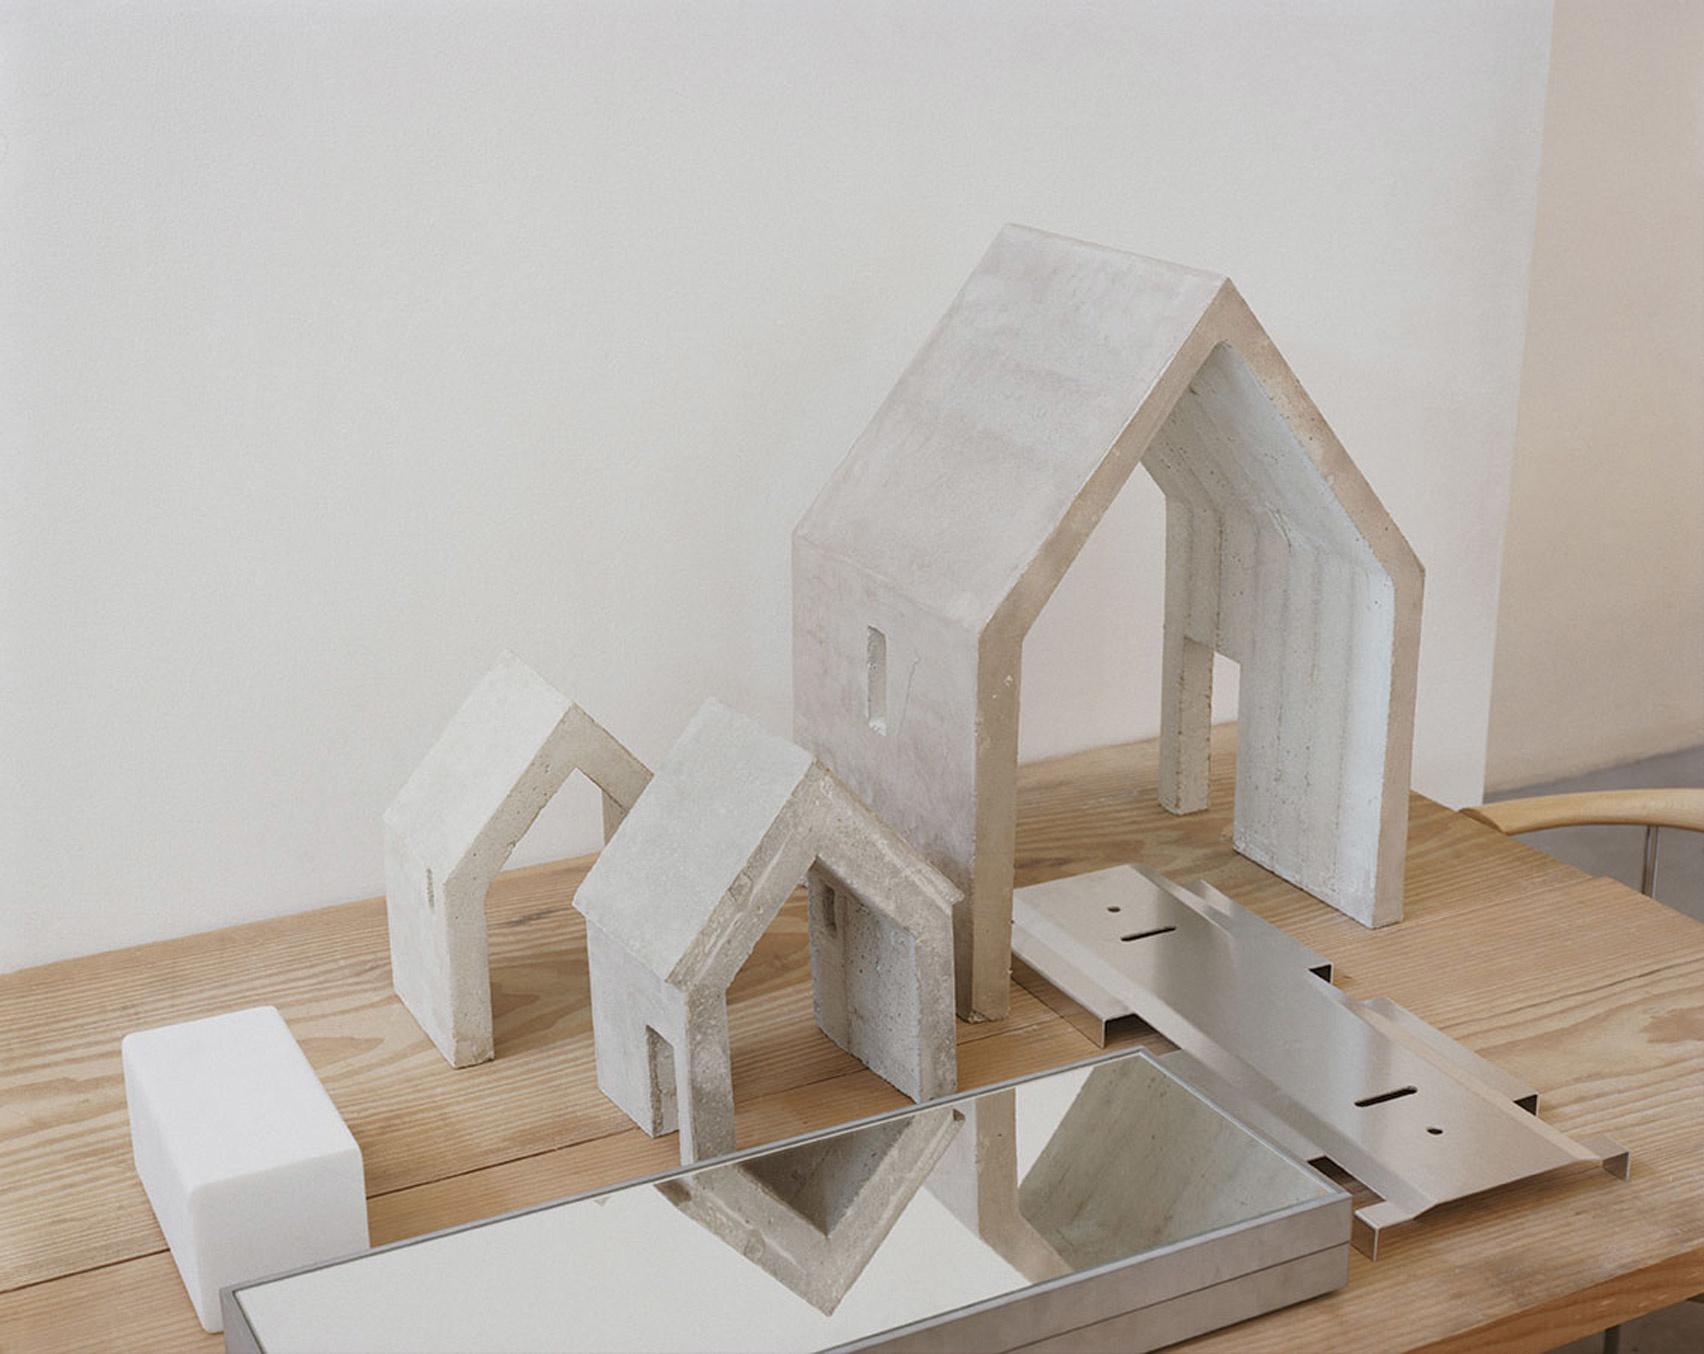 Белым побелому: вгостях уархитектора Джона Поусона (галерея 4, фото 4)